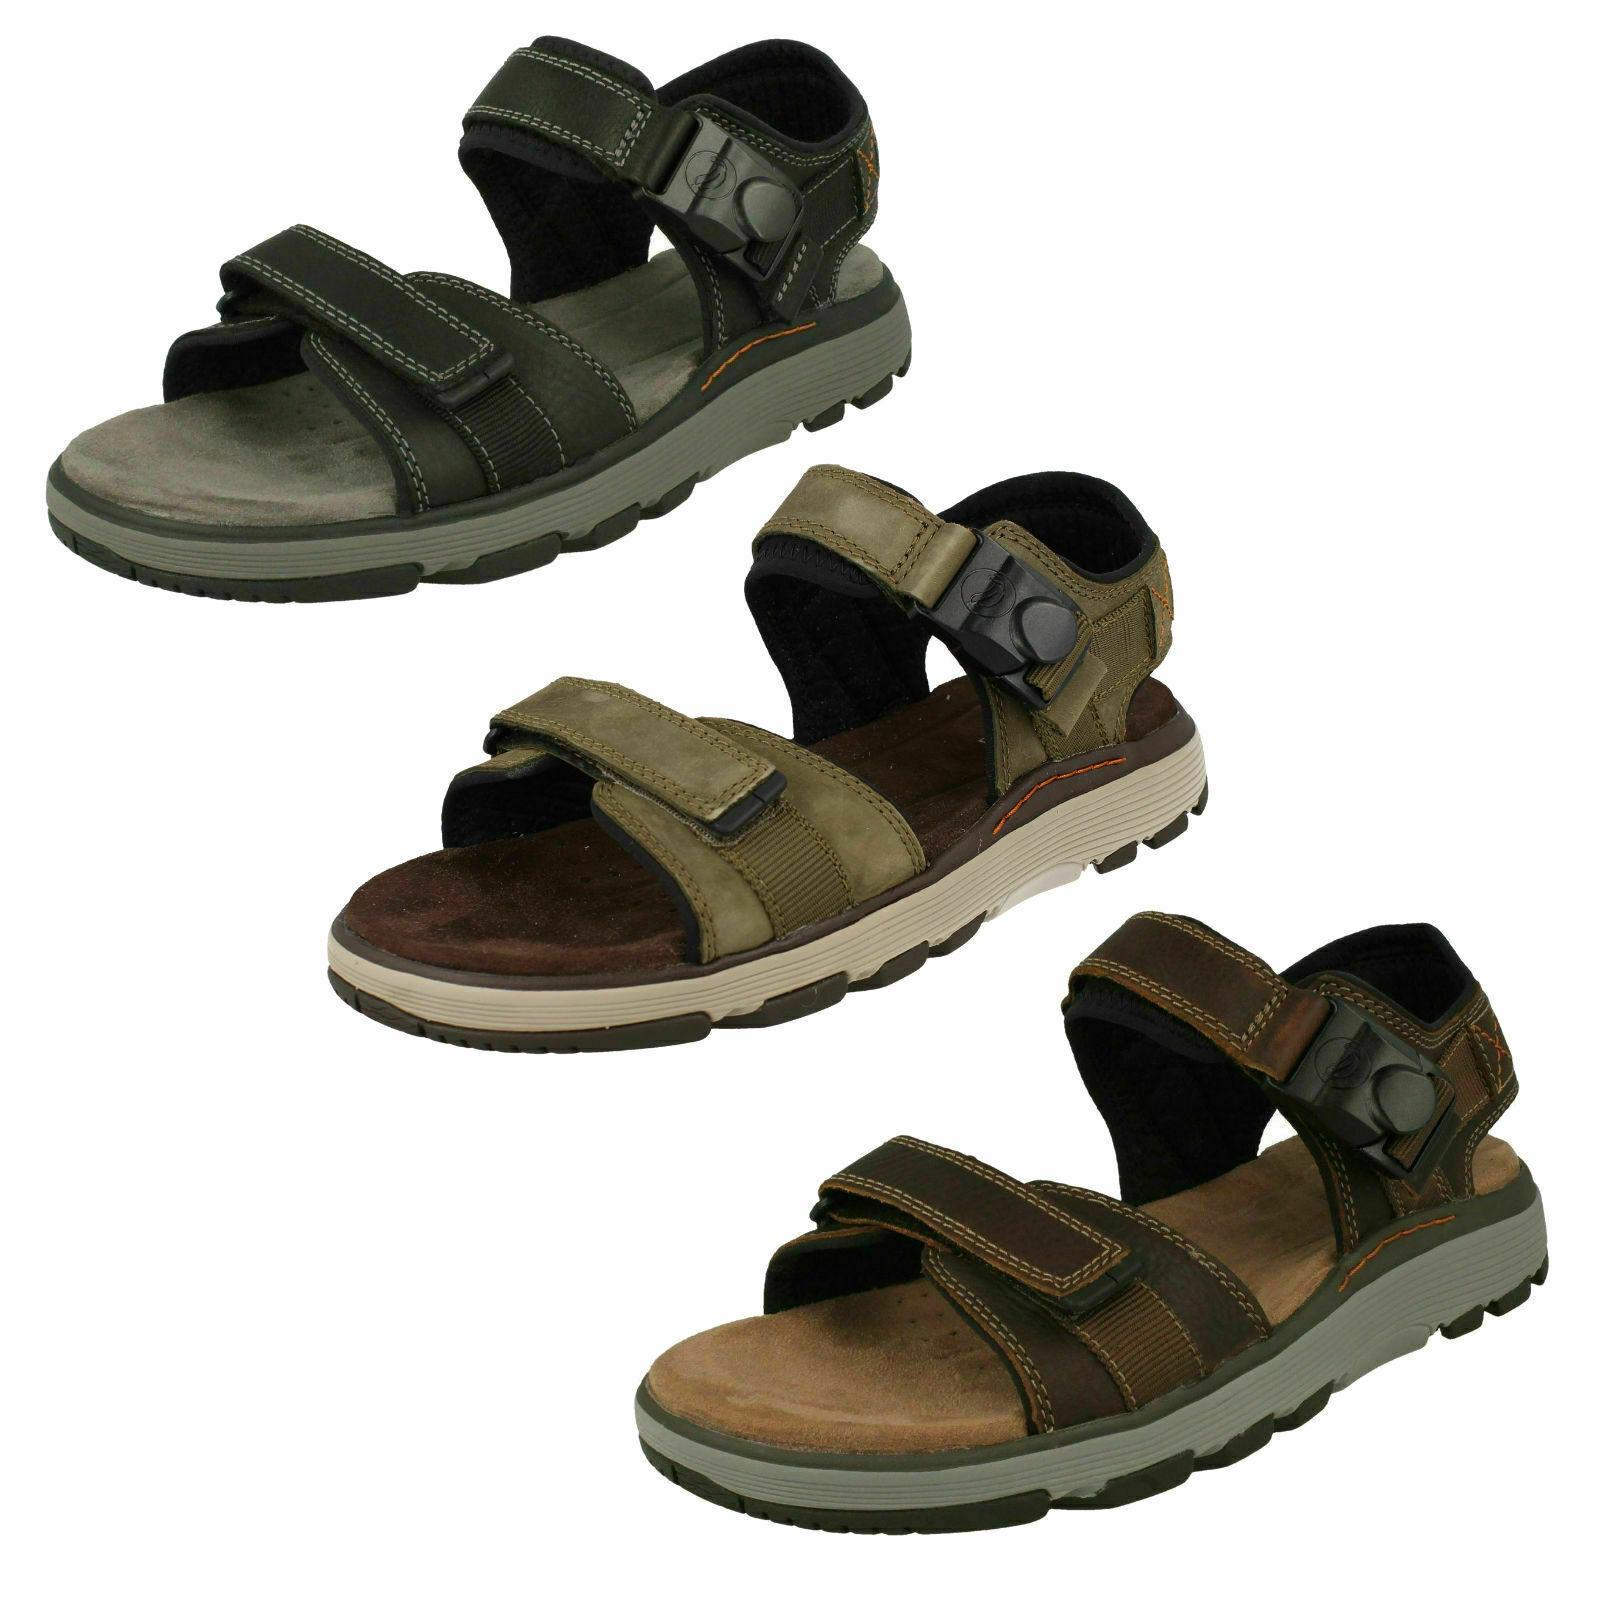 Mens  Clarks Un Trek Part nero, Olive or Dark Tan Leather Casual Sandals  promozioni di sconto